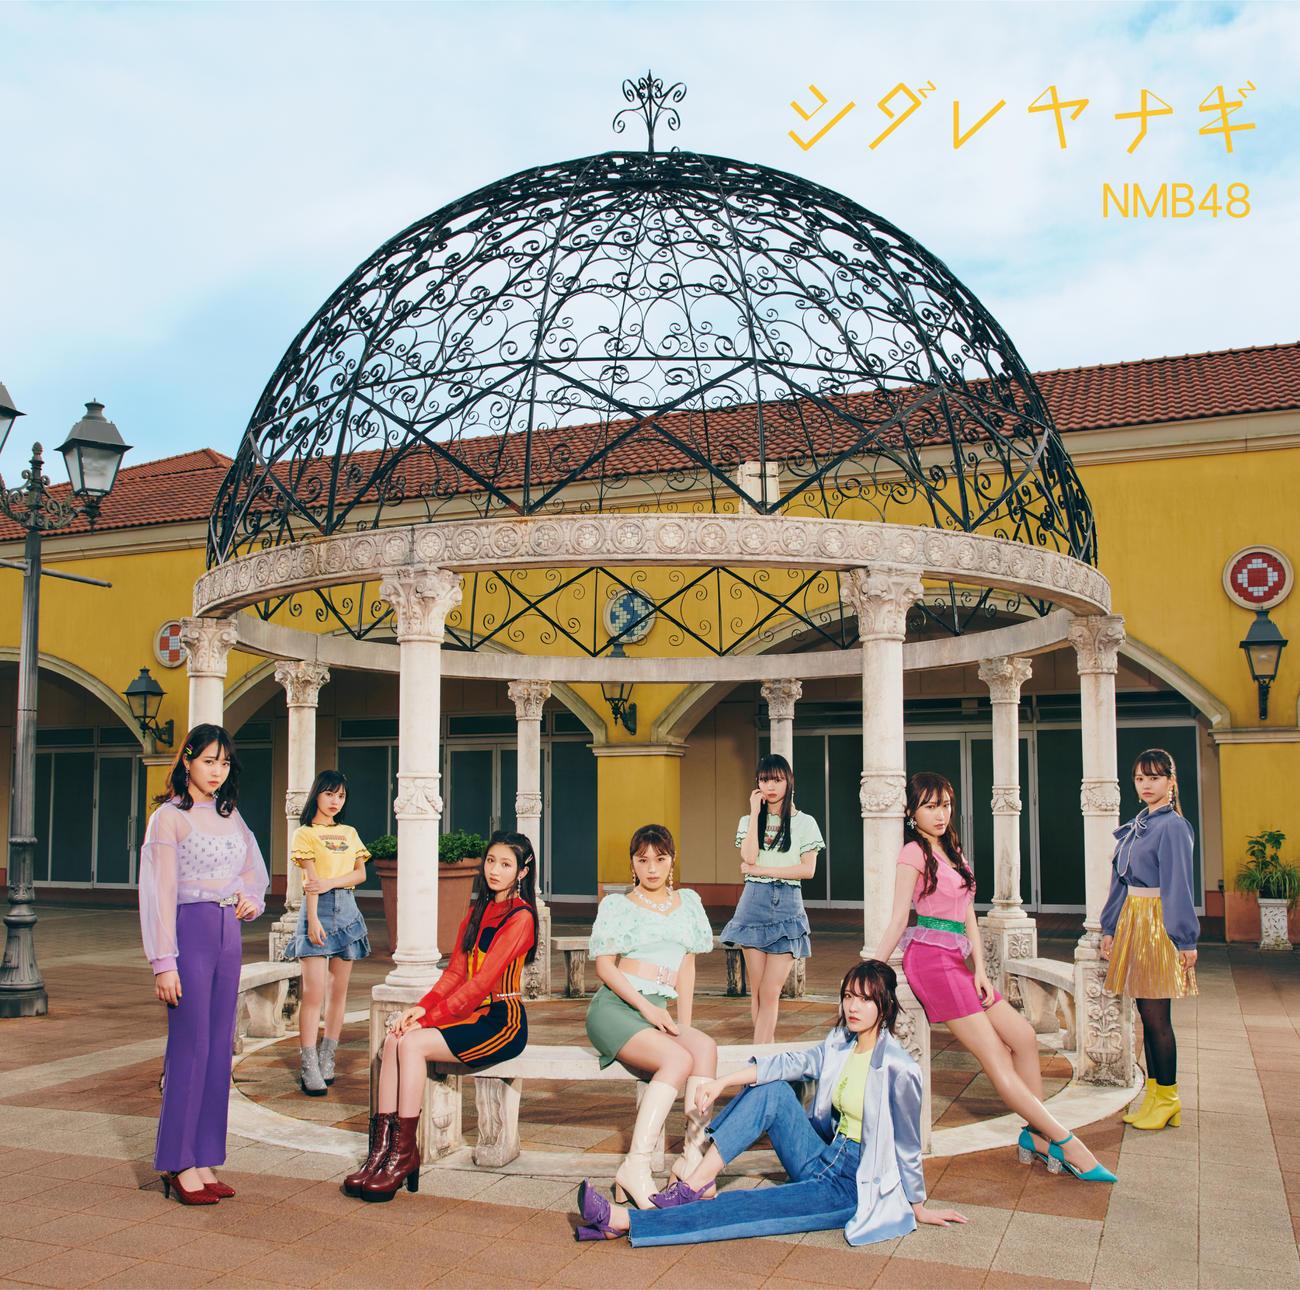 25枚目シングル「シダレヤナギ」タイプCのジャケと写真(C)NMB48